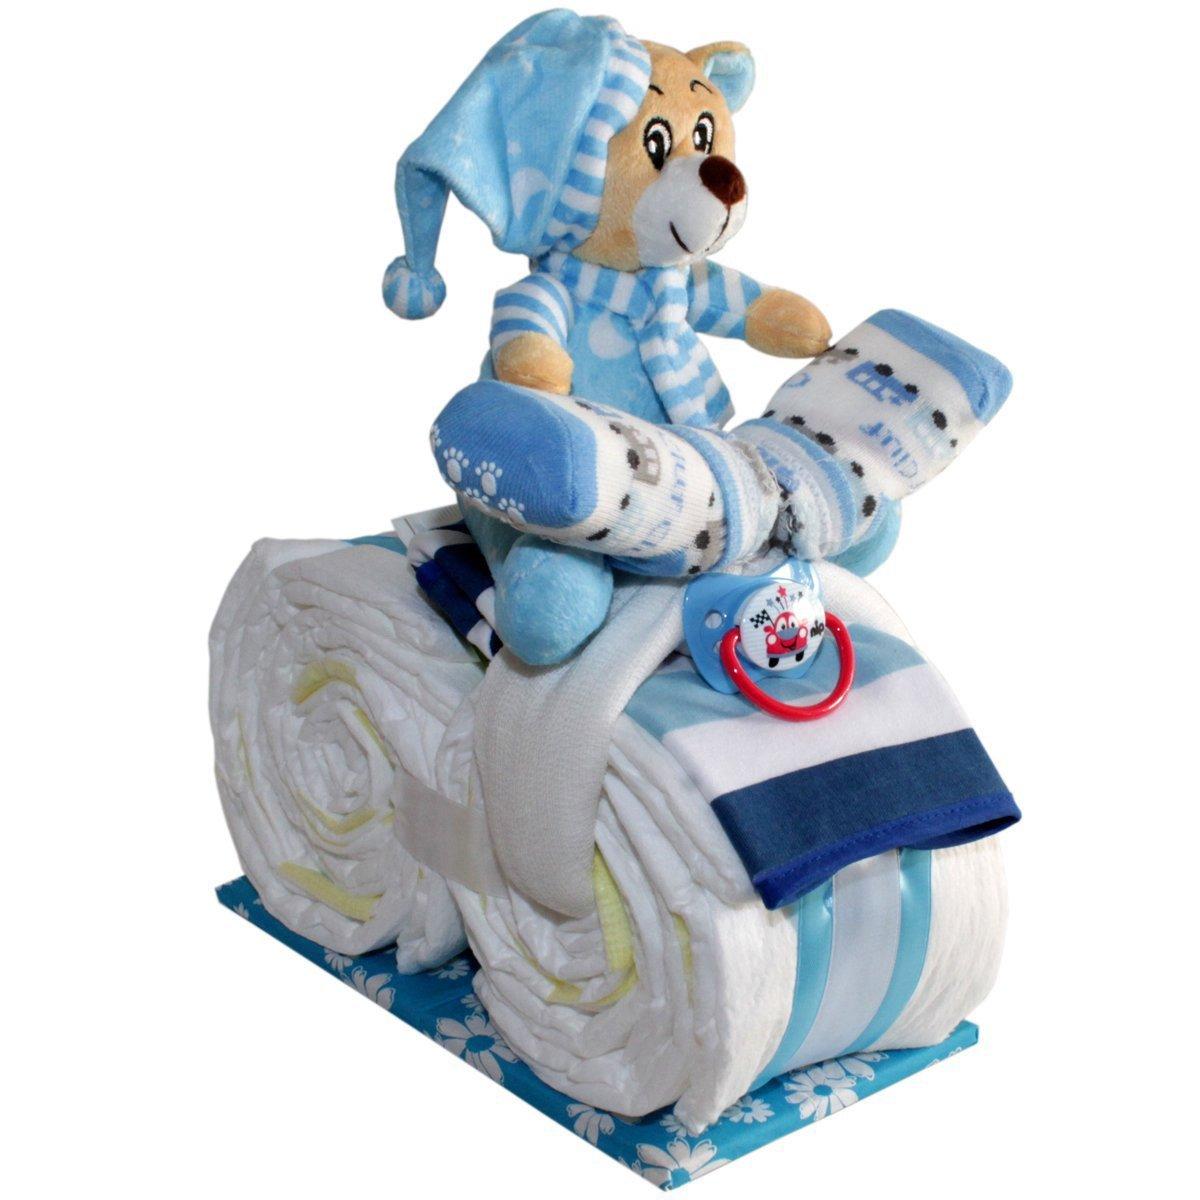 Kleines Windelmotorrad Justin für Jungen Geschenk zur Geburt Taufe Windeltorte (Blau) Windeltorten.Eu